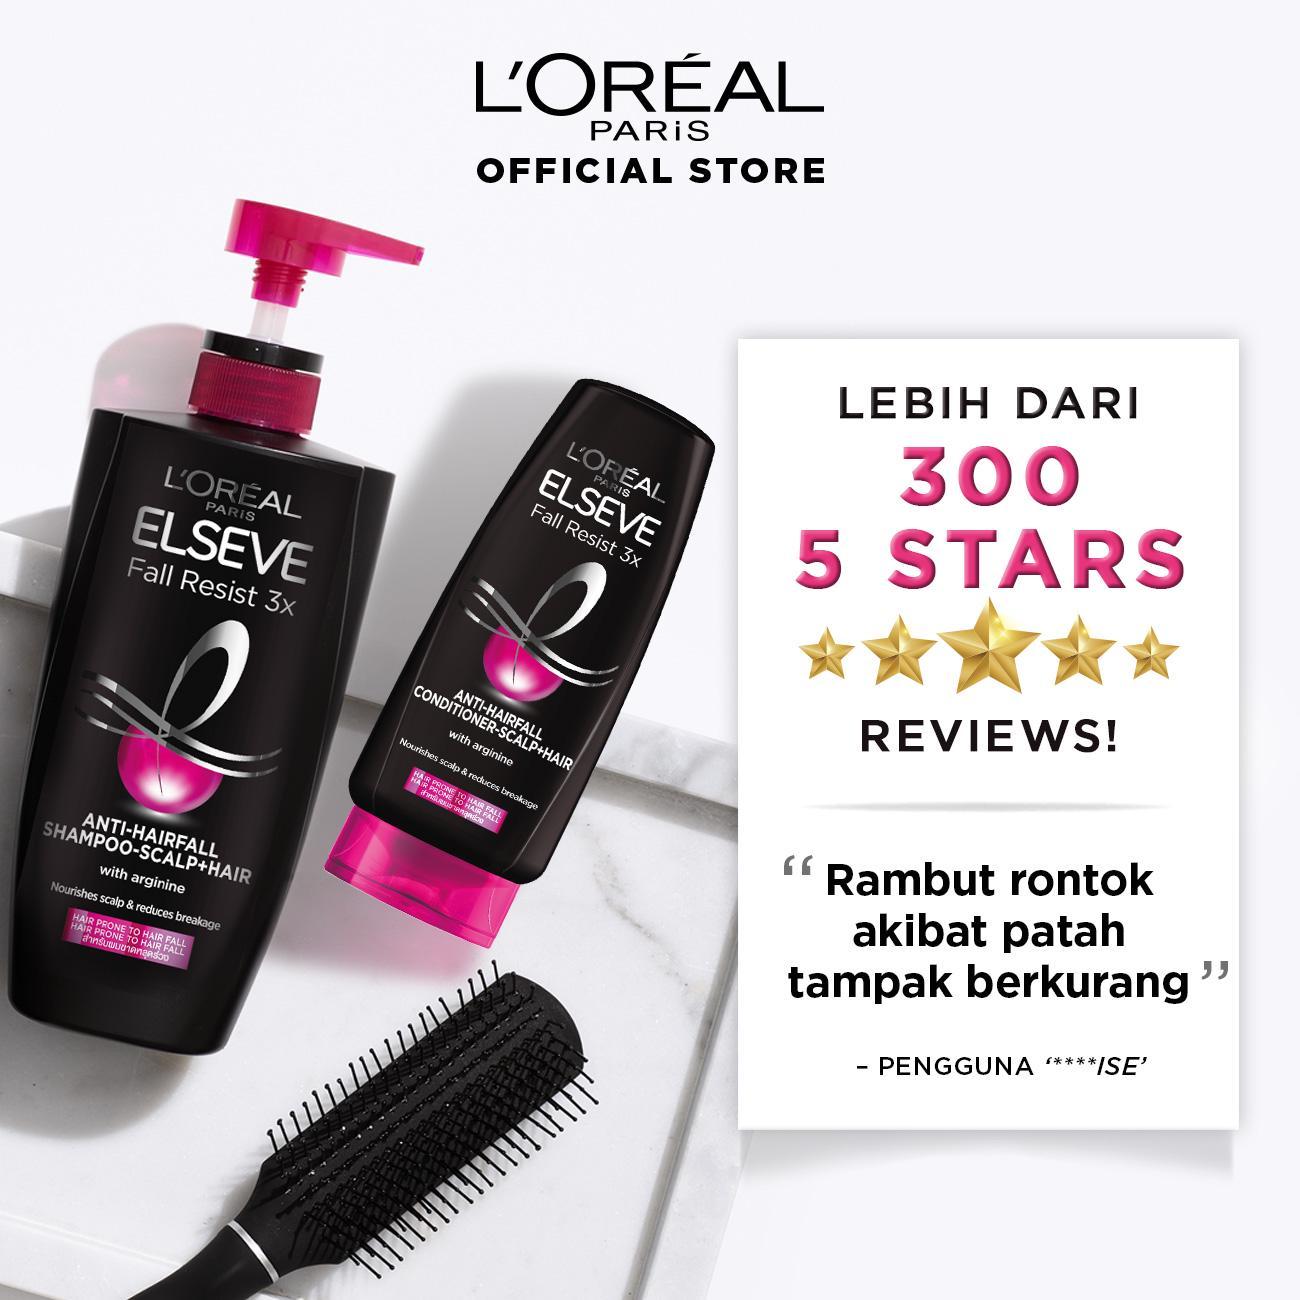 L'Oreal Paris Fall Resist 3x Shampoo Hair Care - 620 ml x3 Pcs (Perawatan Untuk Rambut Mudah Rontok)-7